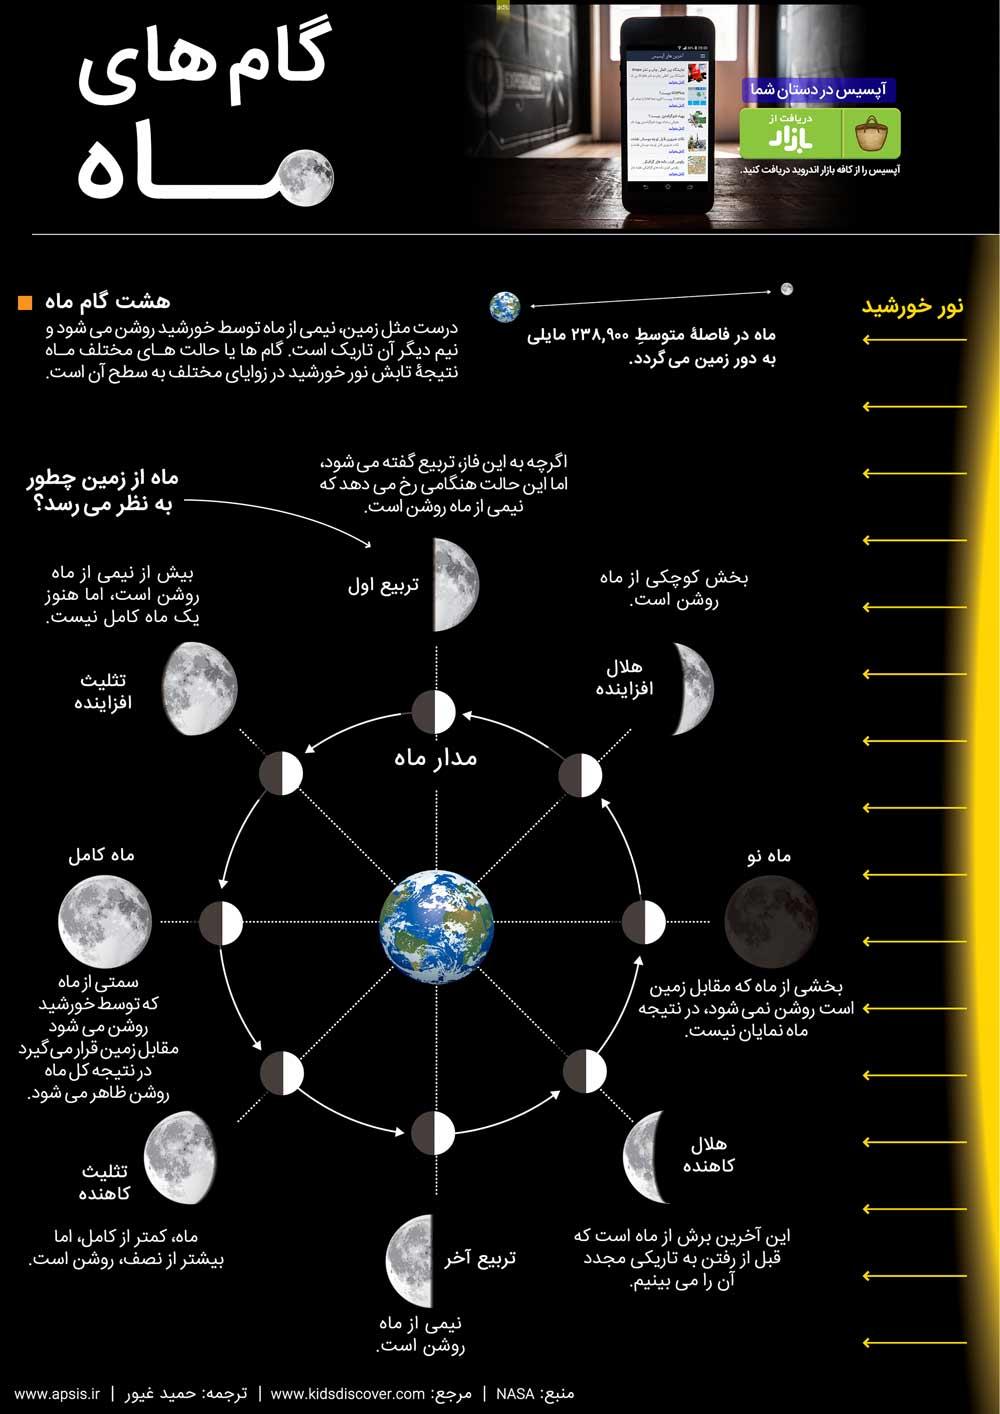 nasa,اینفوگرافی گام های ماه, اینفوگرافی فازهای ماه,حمید غیور, ناسا